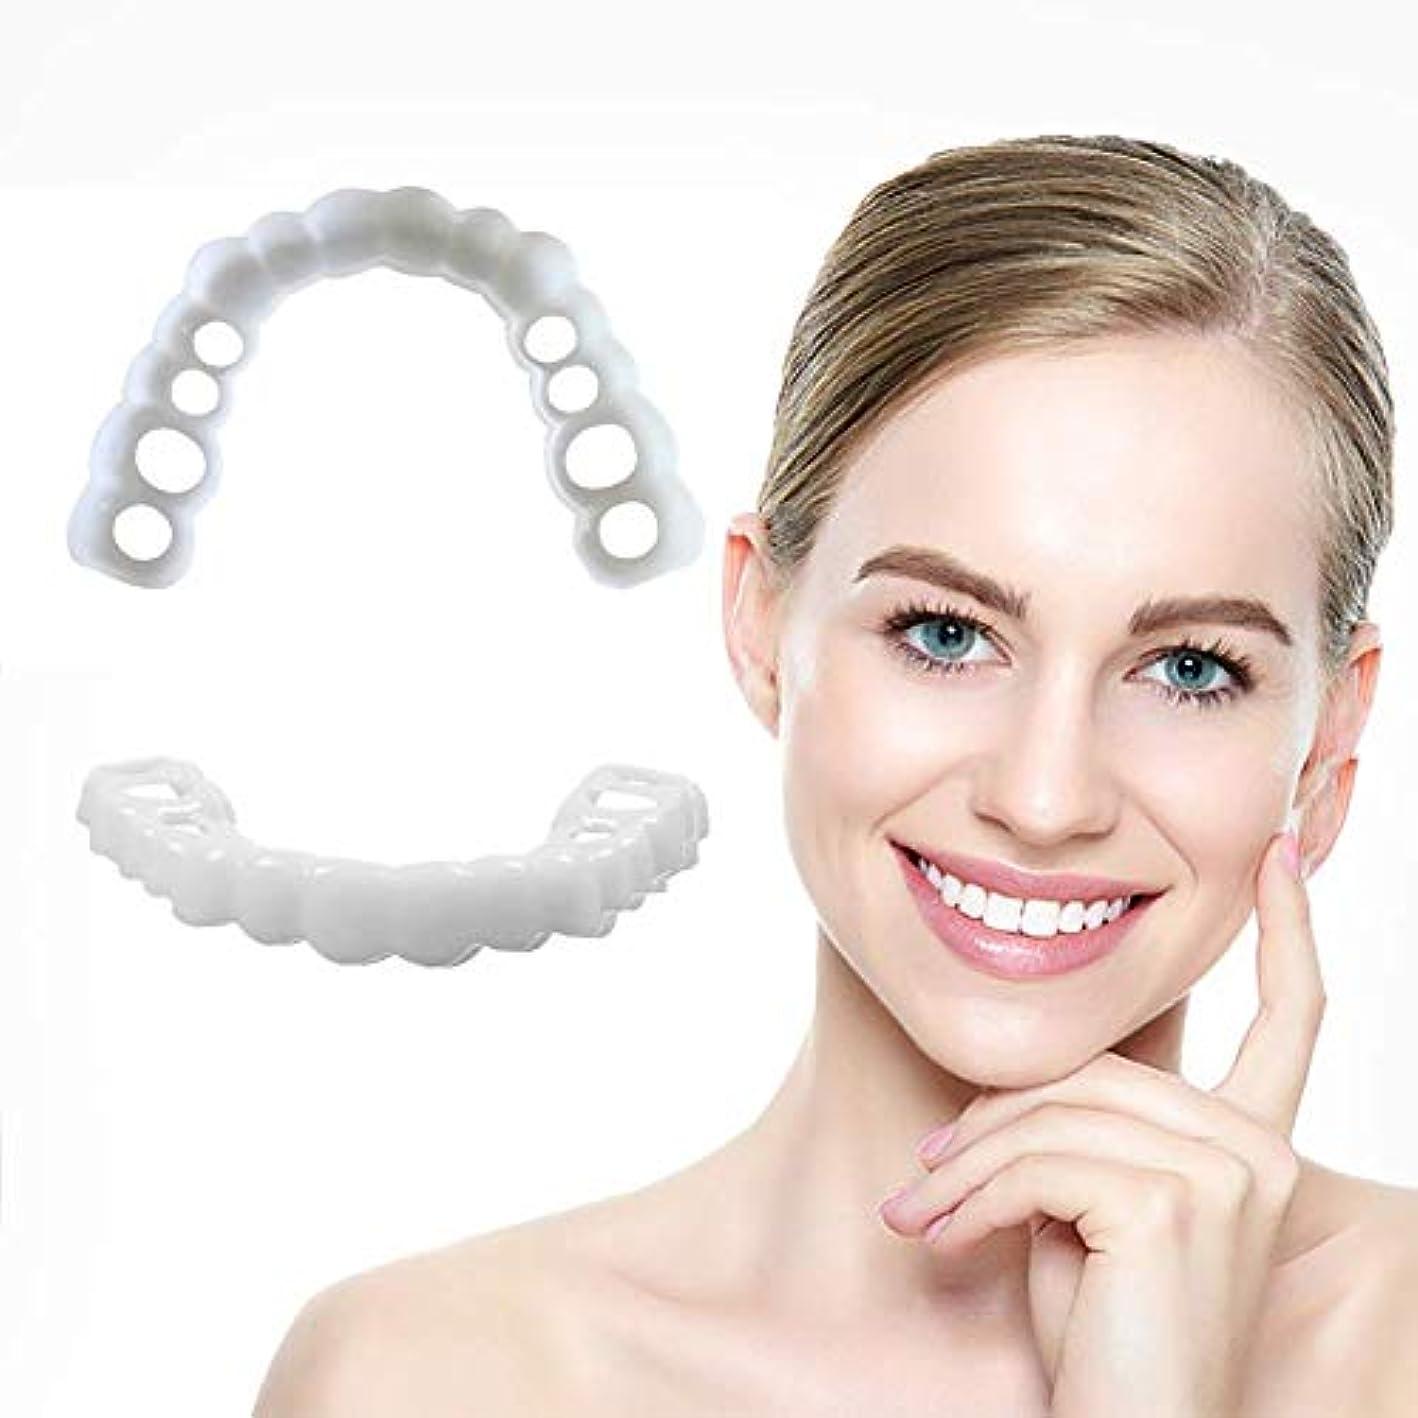 かすれたシットコム鋼上歯下歯シミュレーションブレースホワイトニングセット第2世代シリカゲルシミュレーション歯義歯,1Set